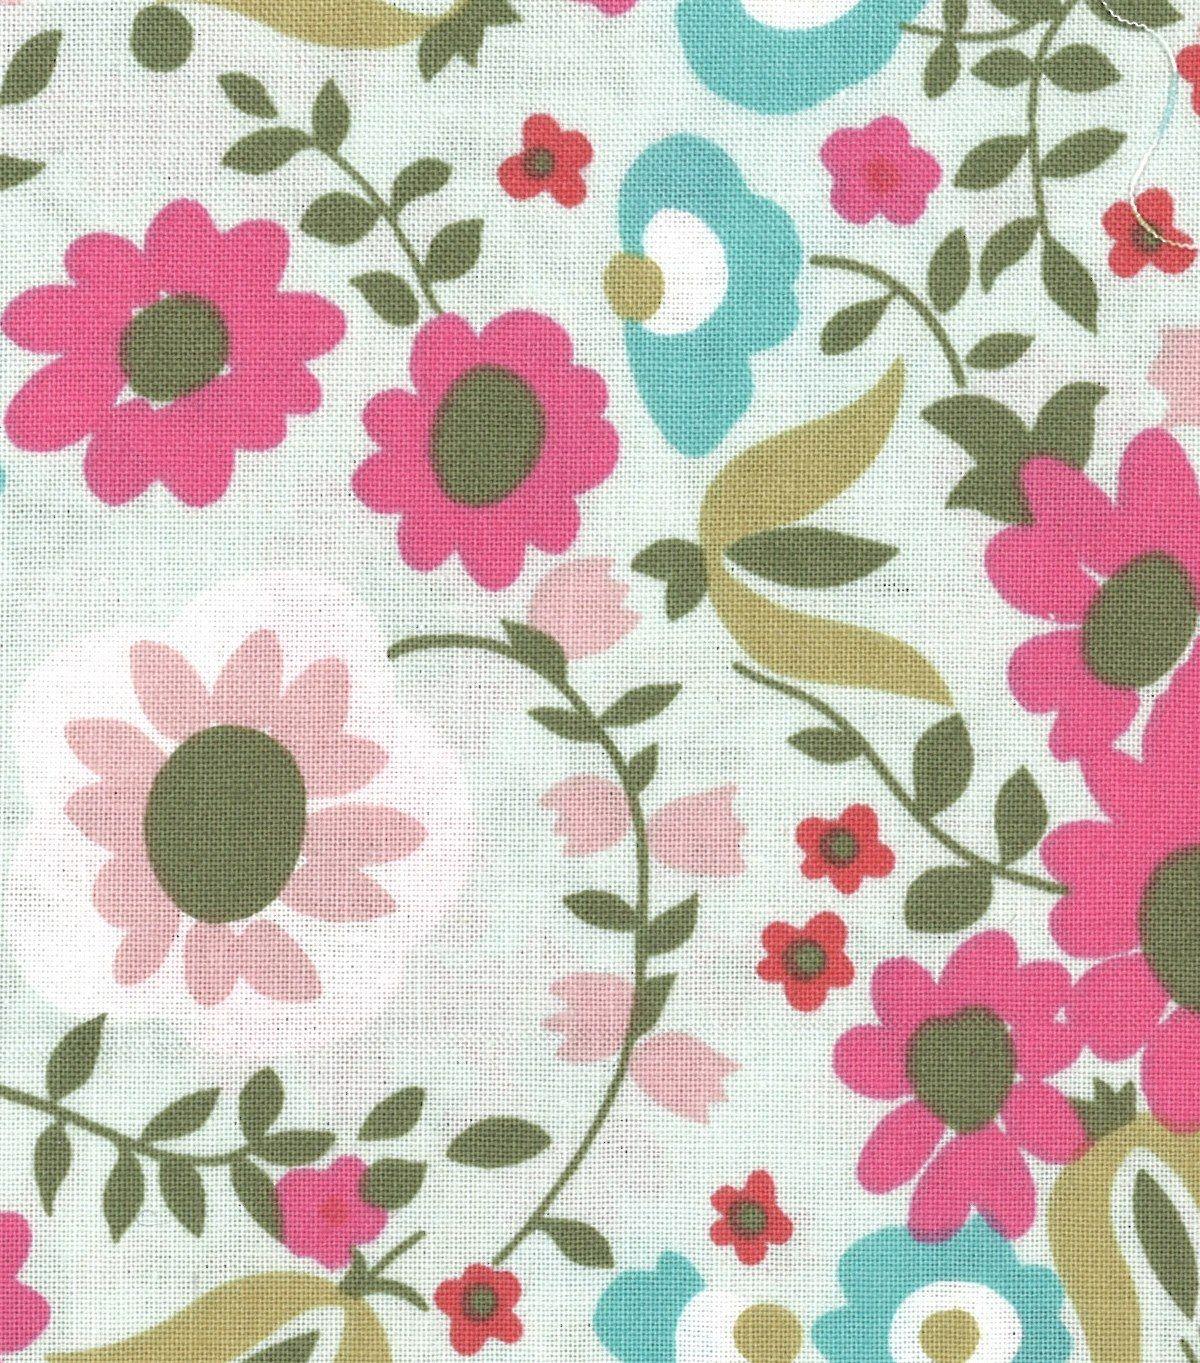 Jules u coco quilt fabric multi floraljules u coco quilt fabric